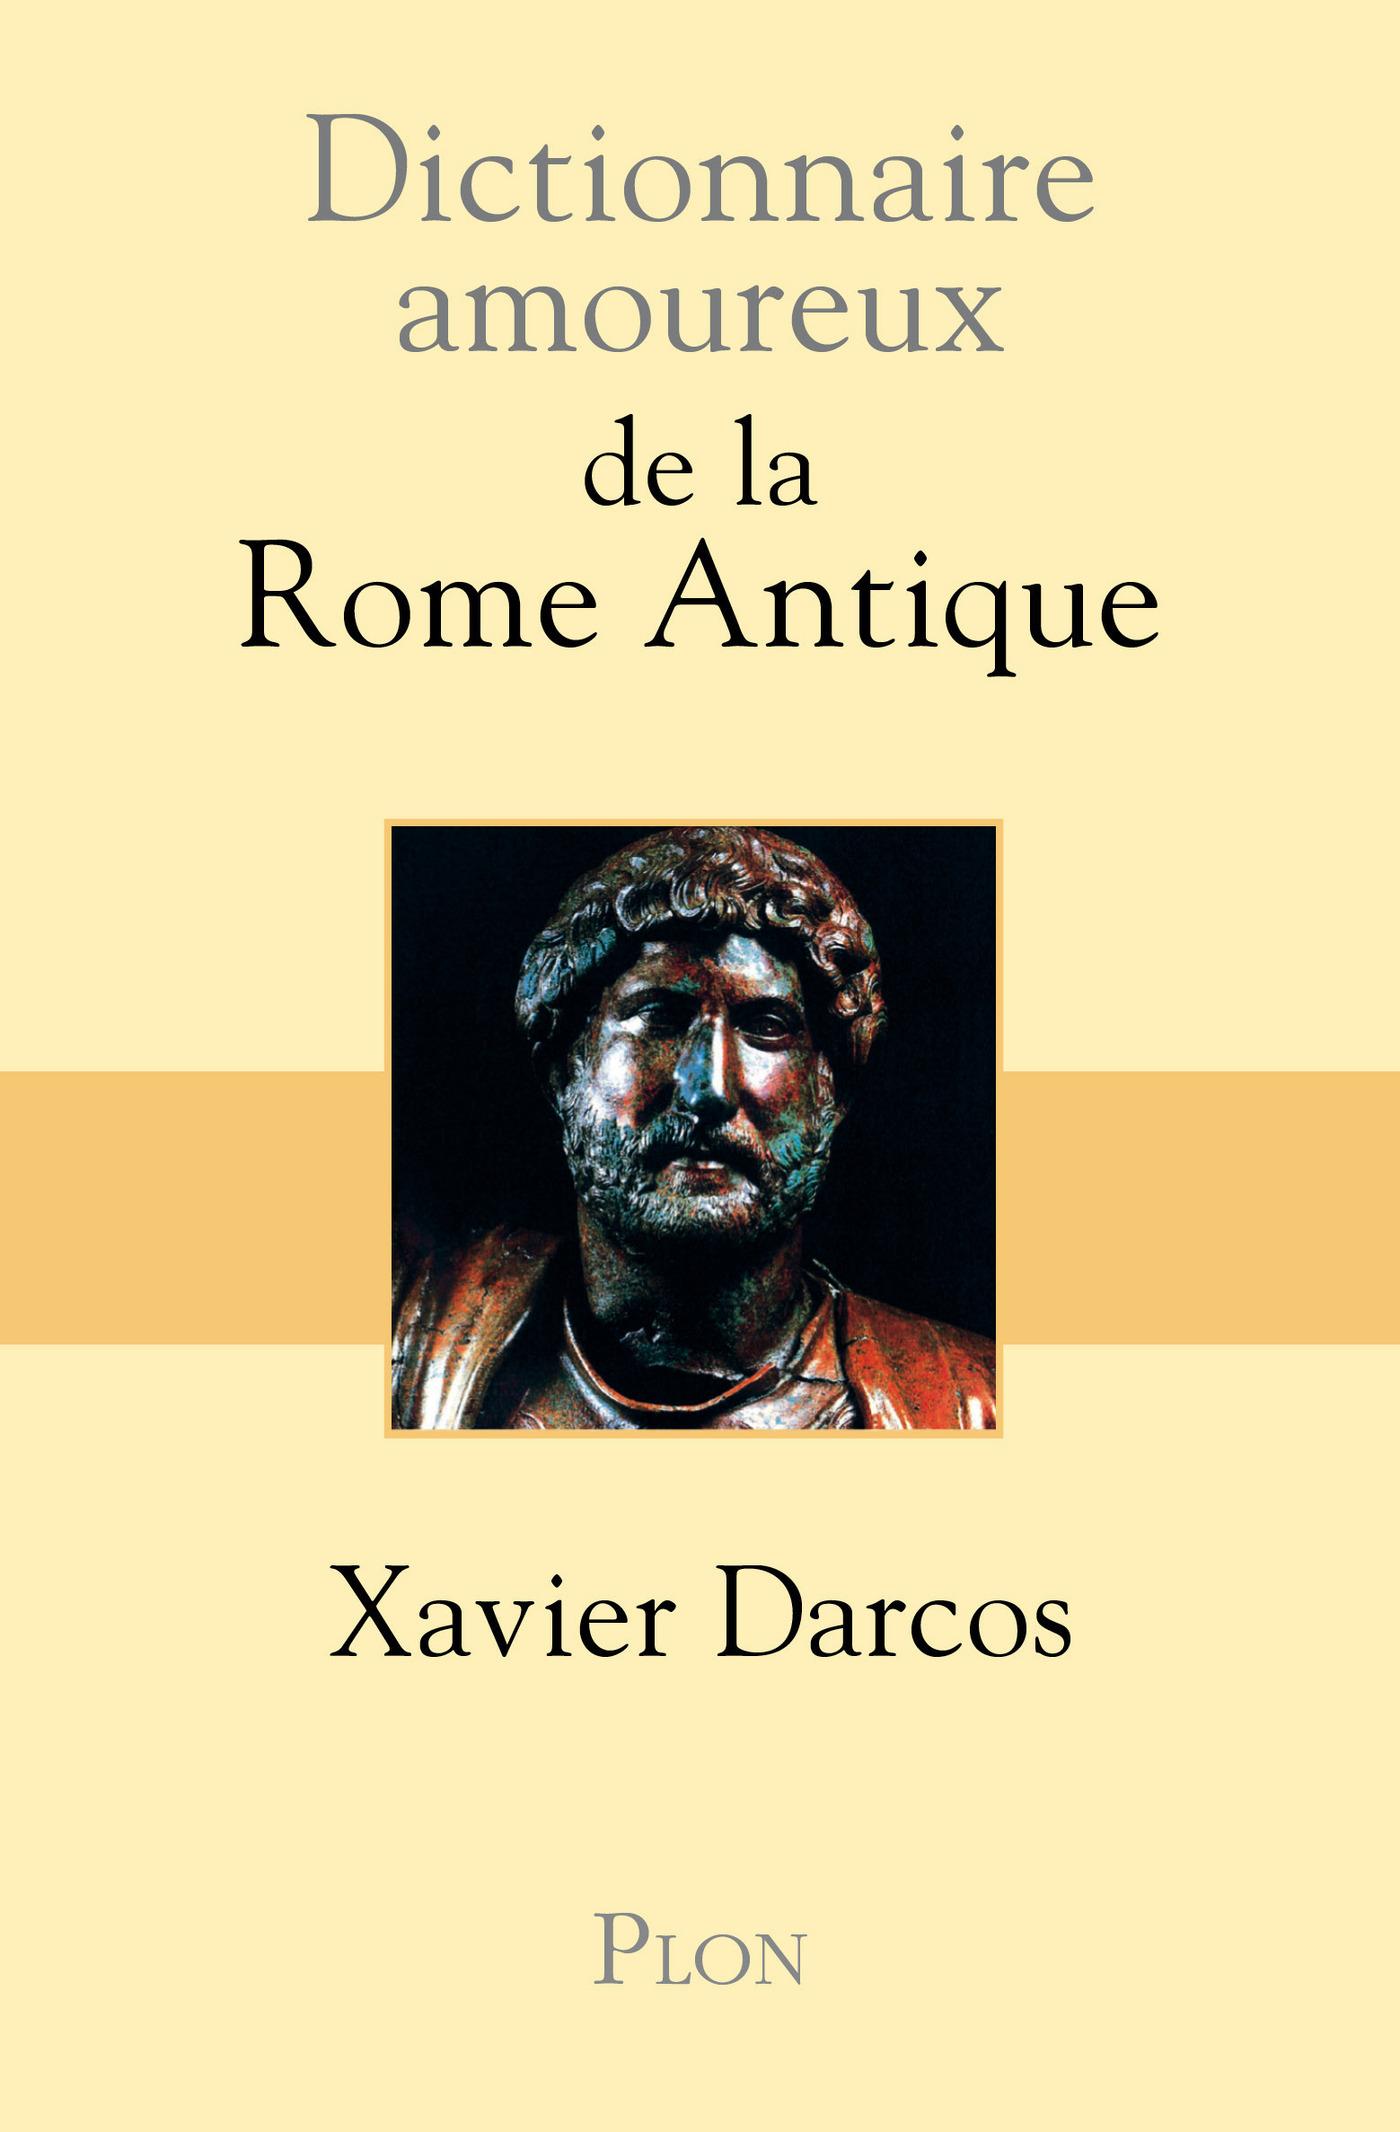 Dictionnaire amoureux de la Rome antique